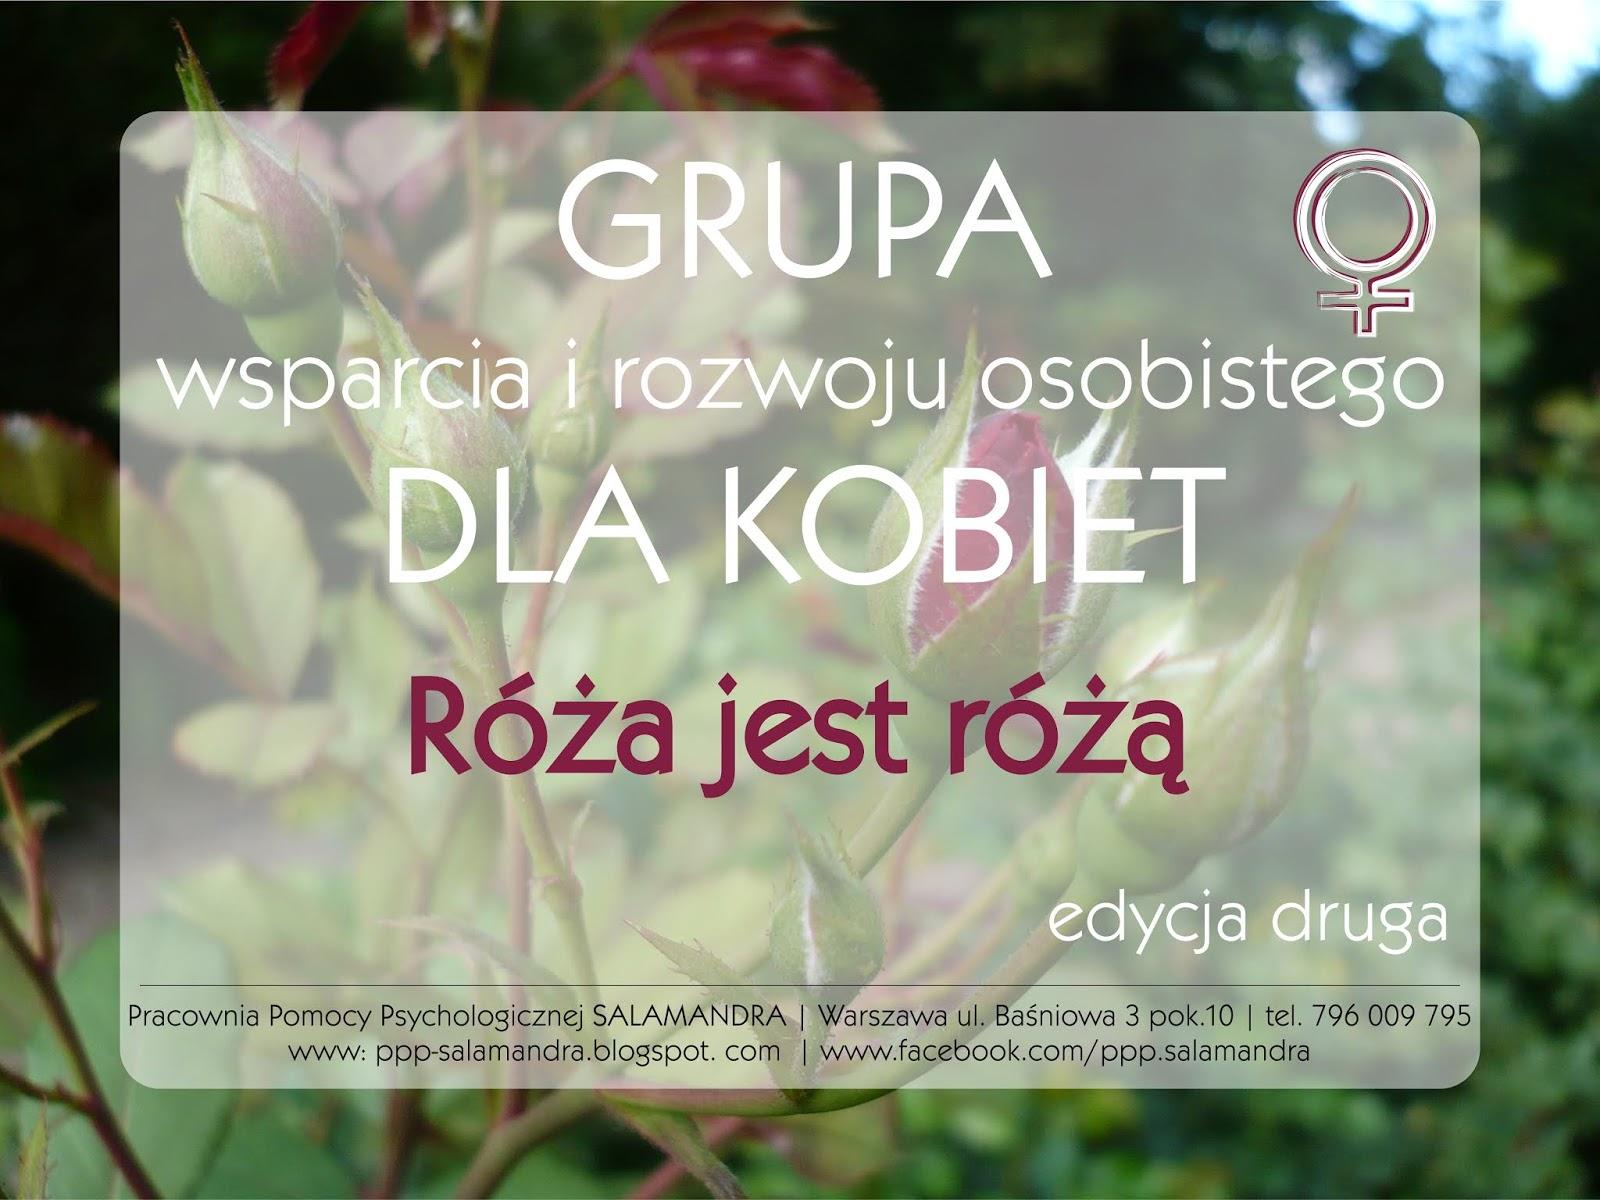 Grupa wsparcia i rozwoju osobistego dla kobiet Róża jest różą - zapraszam do udziału w II edycji